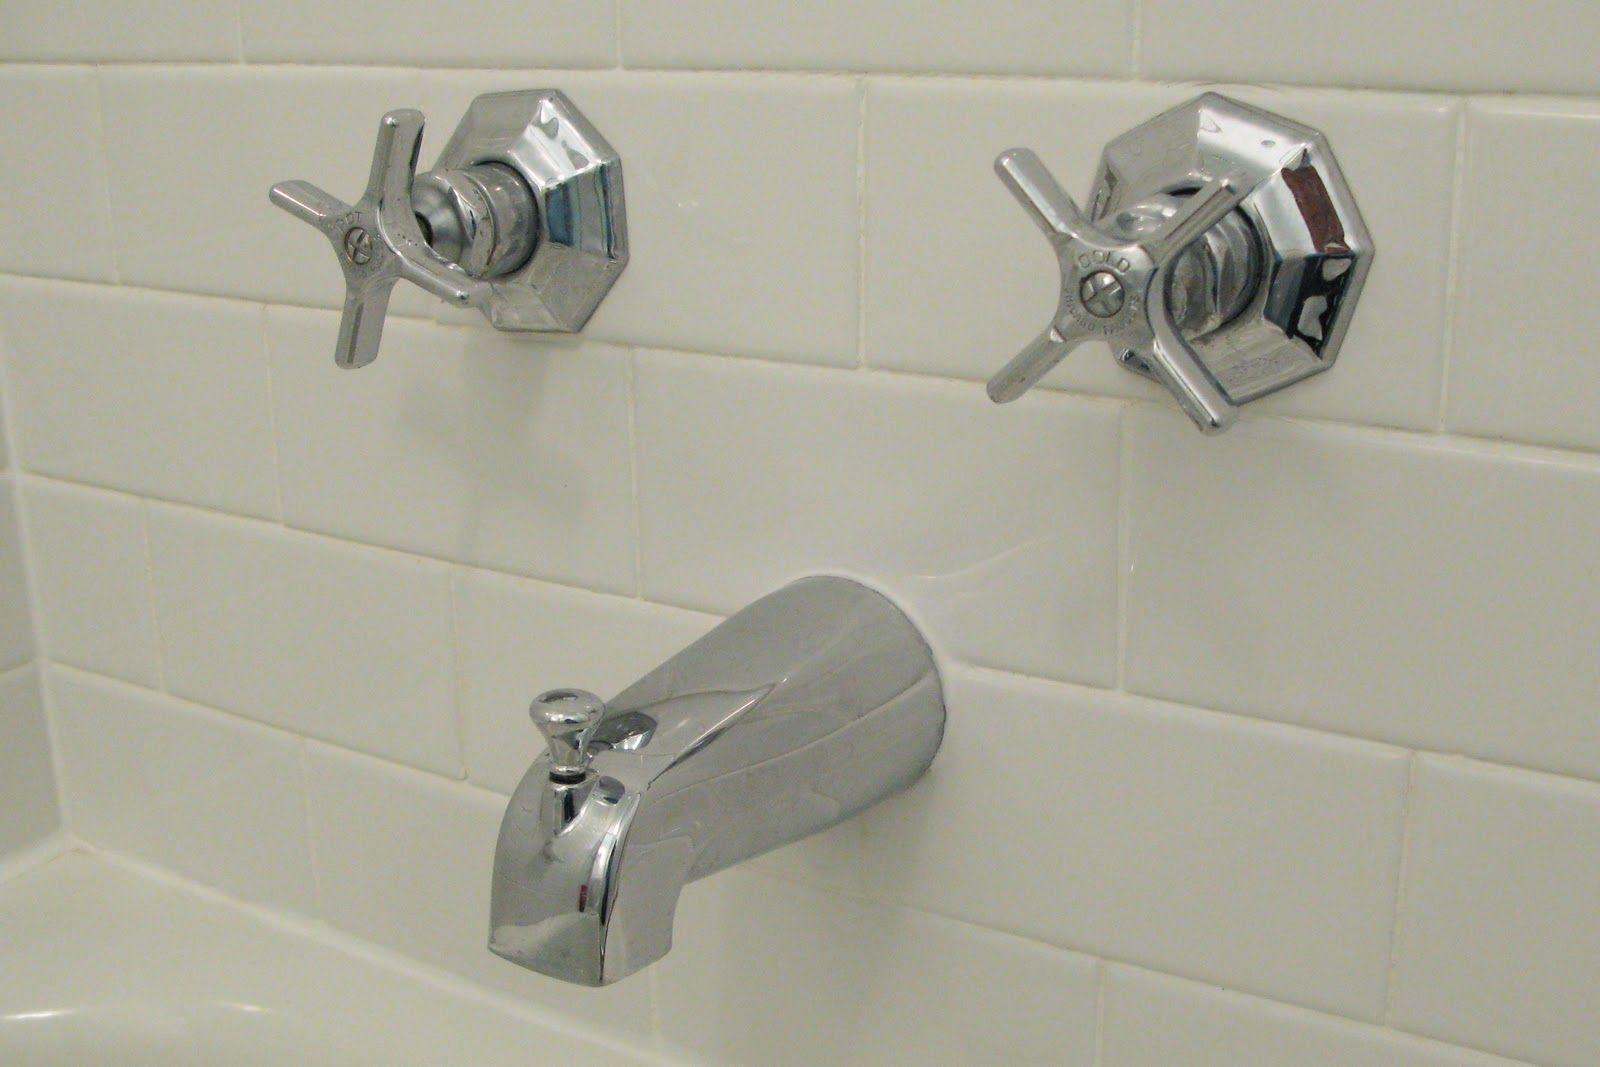 kohler shower faucet not hot enough | table | Pinterest | Kohler ...